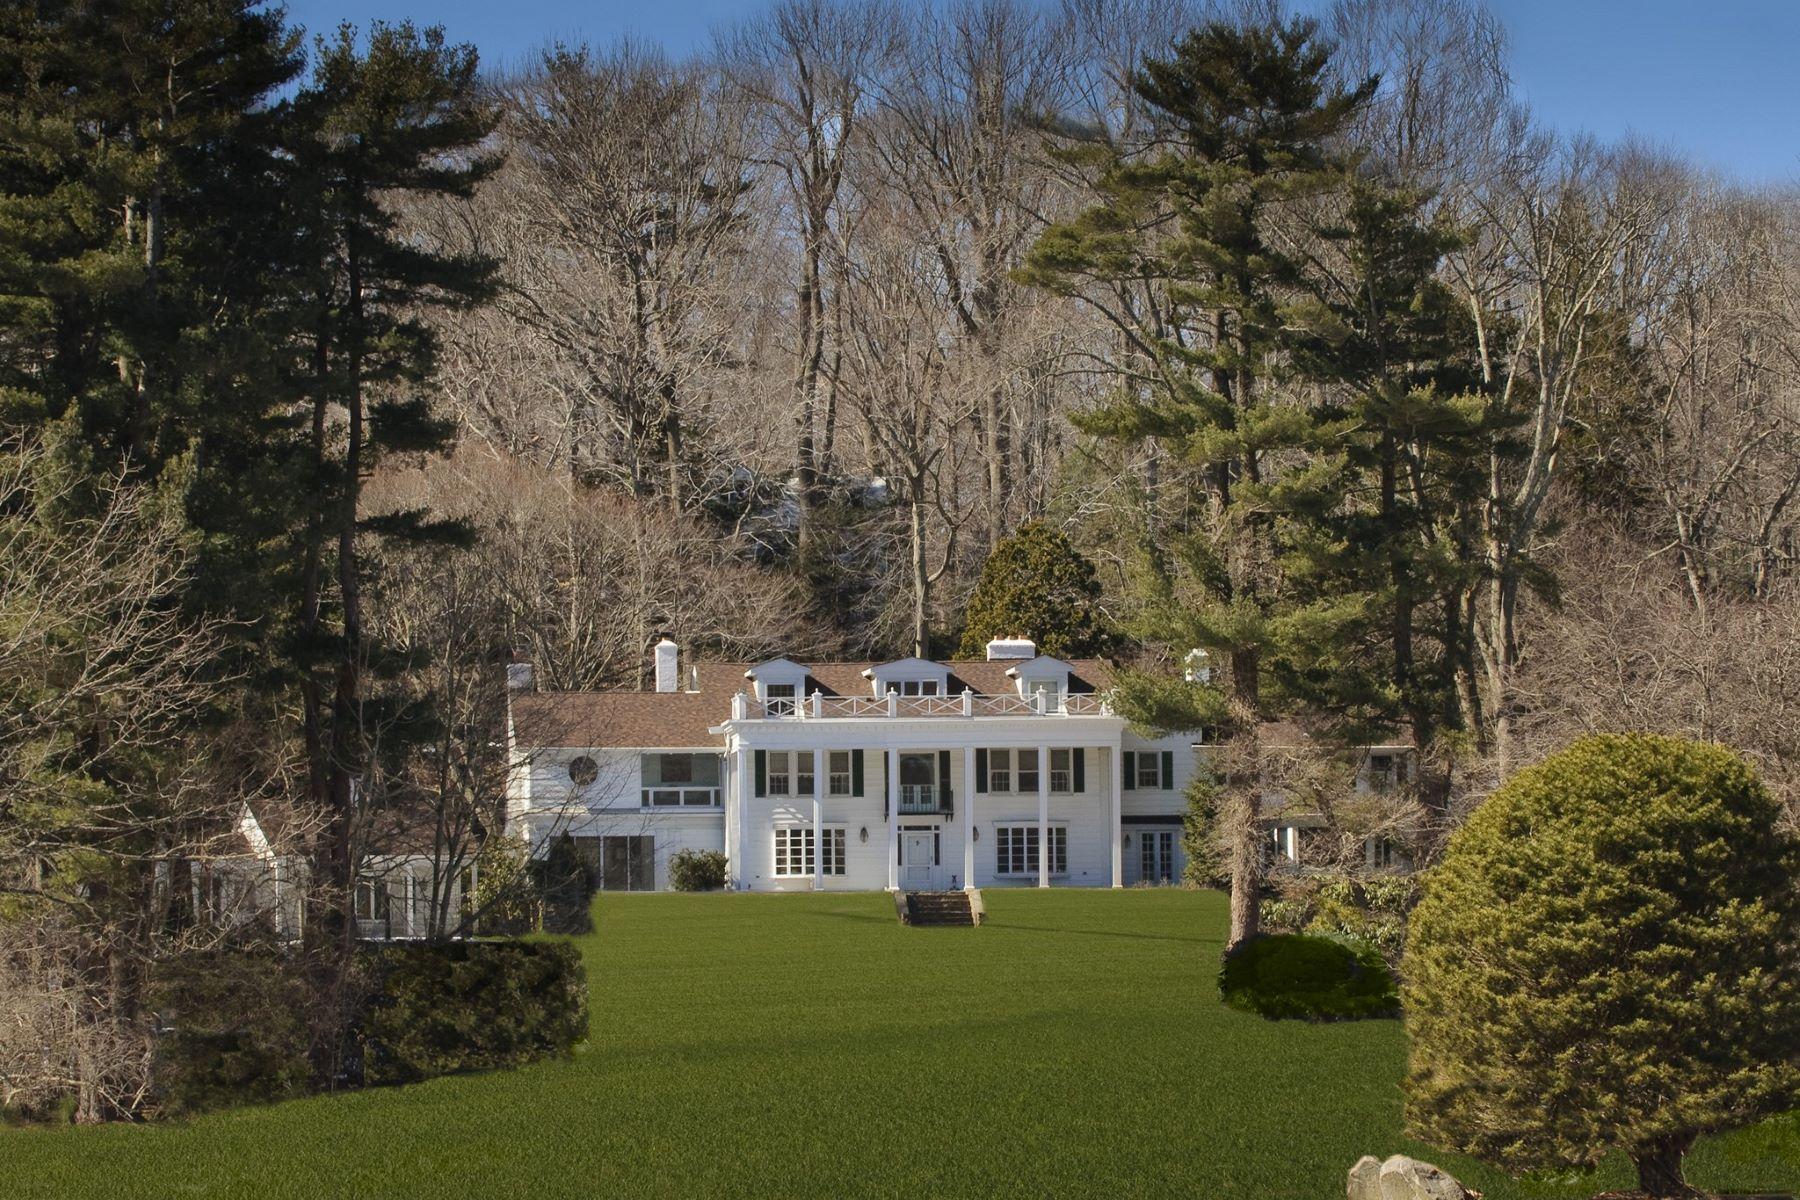 Maison unifamiliale pour l à vendre à 450 Oyster Bay Rd , Matinecock, NY 11560 450 Oyster Bay Rd, Matinecock, New York, 11560 États-Unis